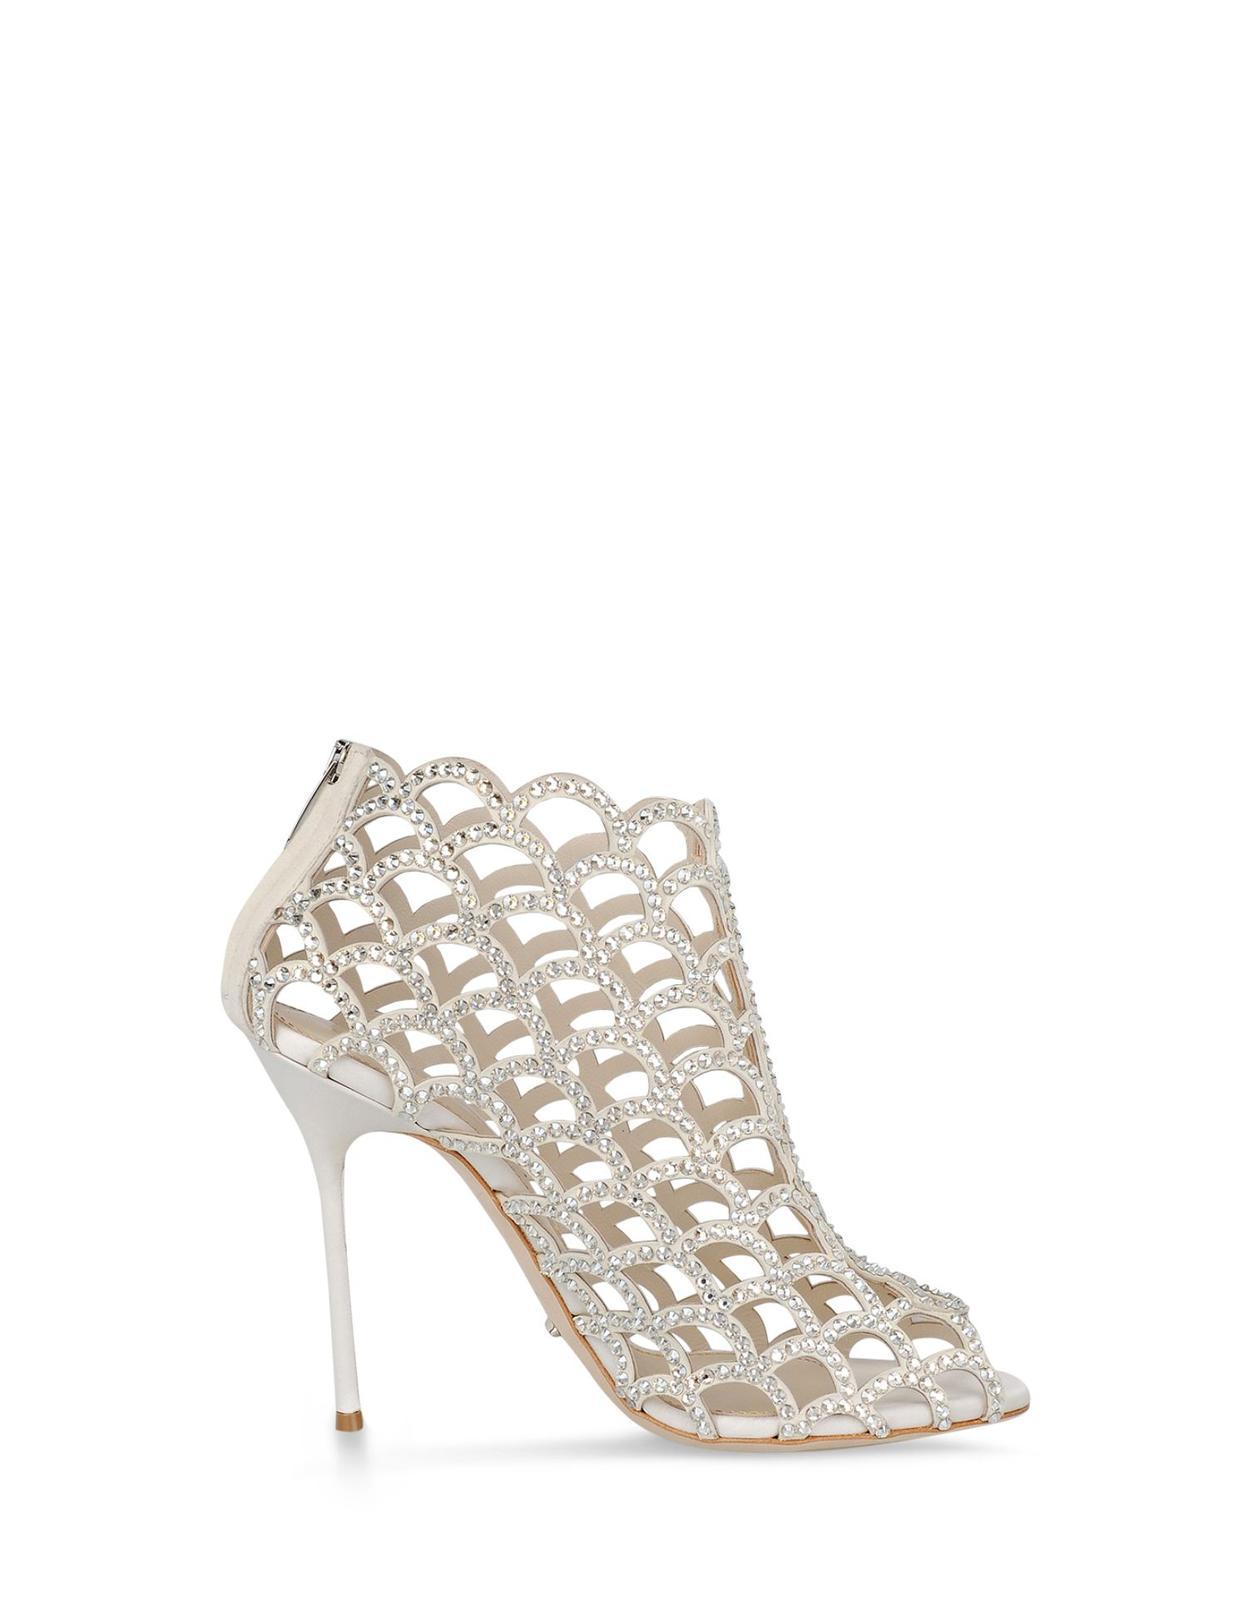 Služba VIP - topánky ako šperk - Sergio Rossi